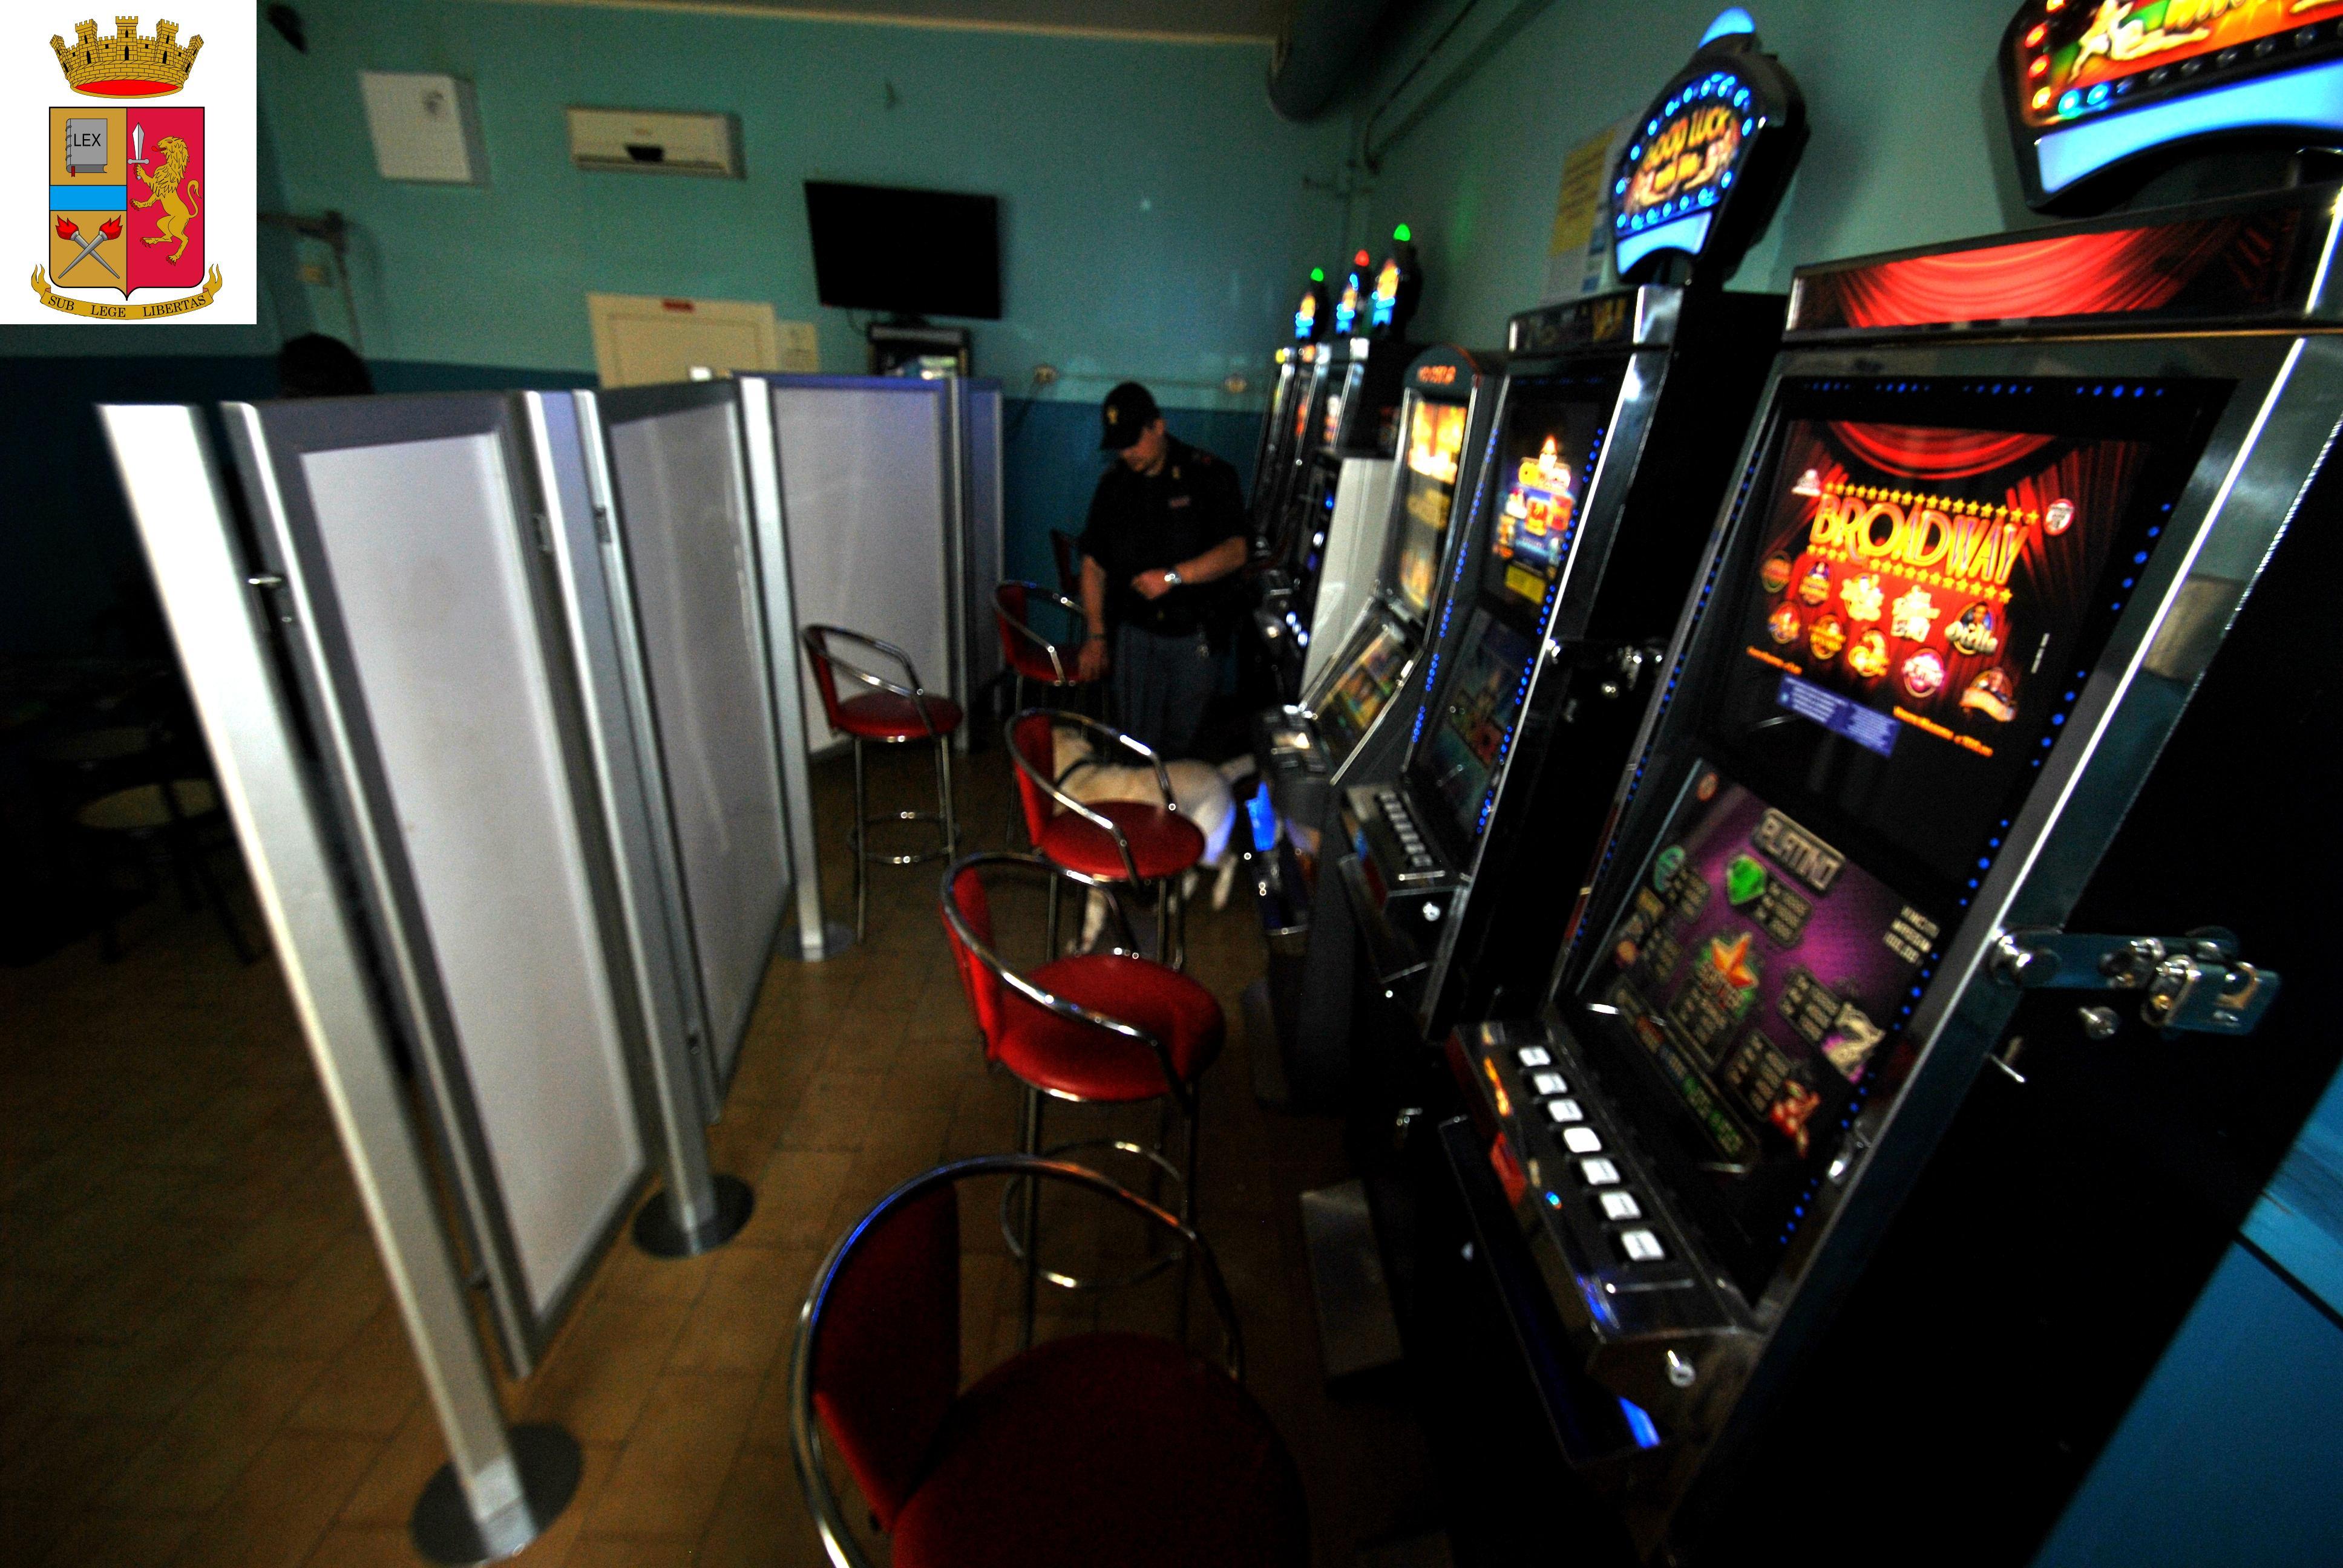 Polizia slot machine